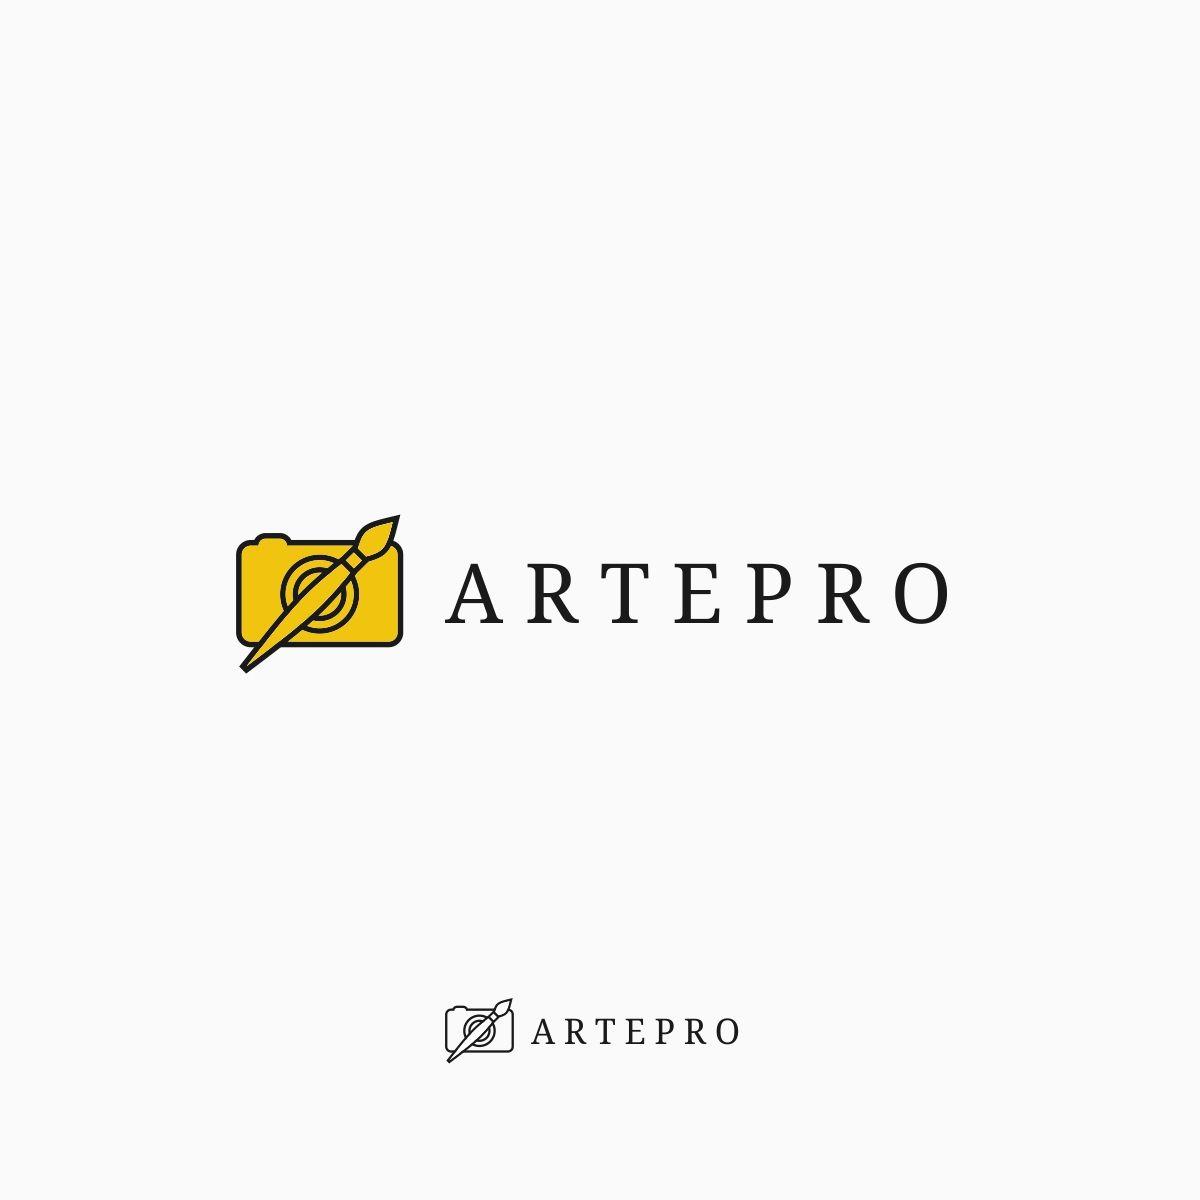 Лого и фирменный стиль для Artrepro - дизайнер TVdesign